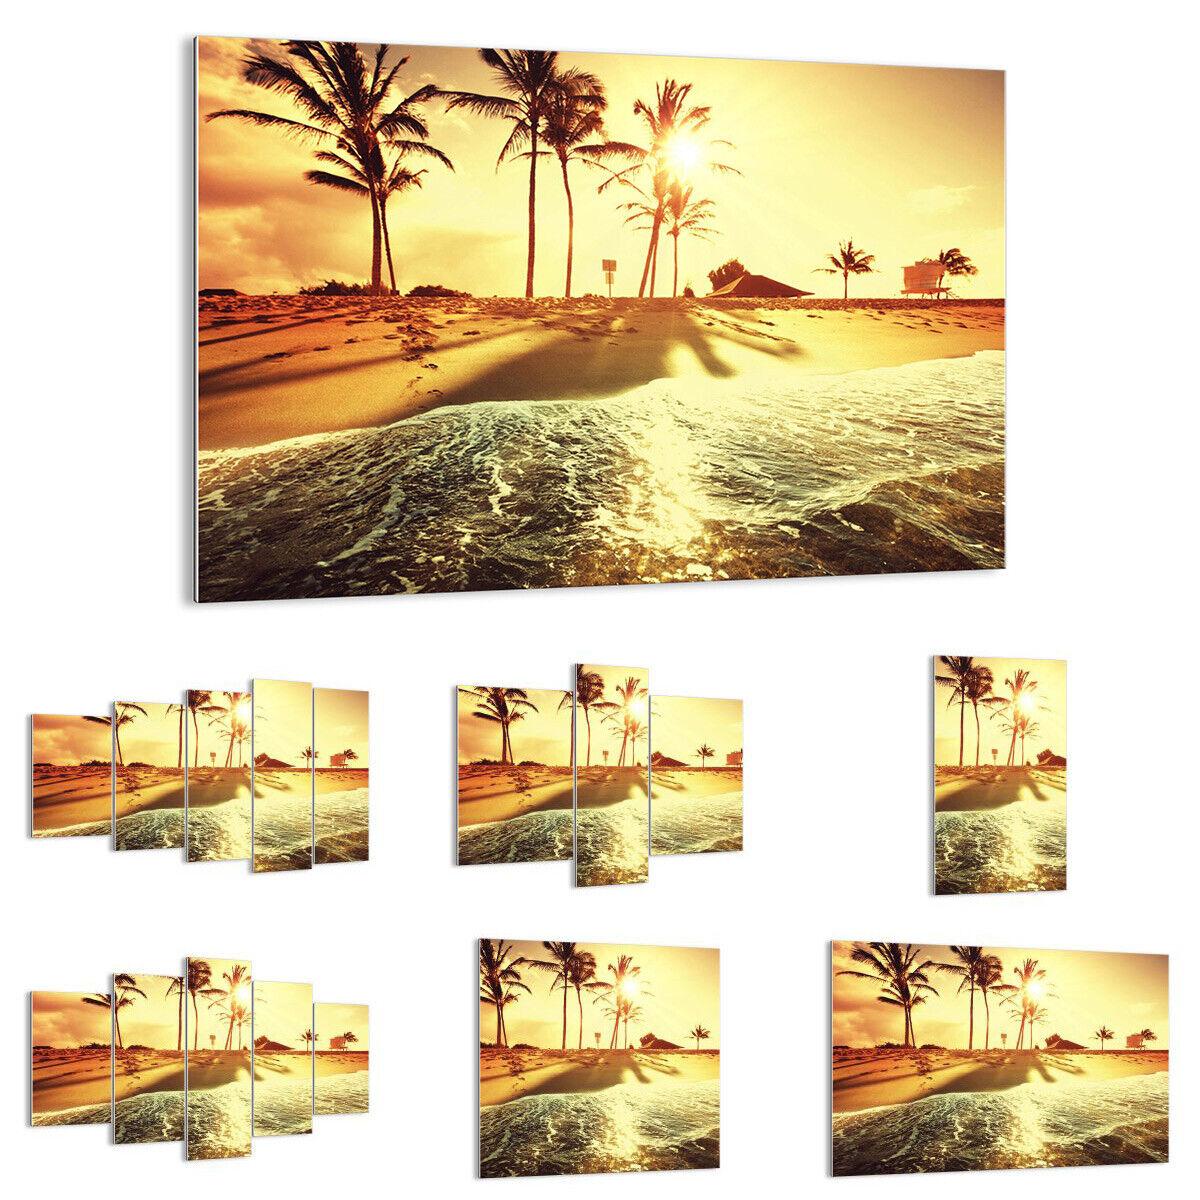 GLASBILD Wandbild Deko Strand Meer Palme 3609 DE